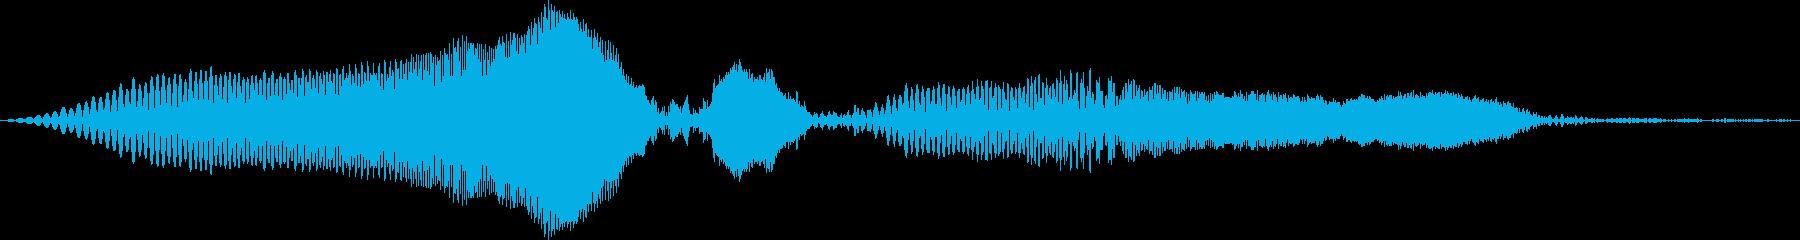 ピヨン(感情:怒る)の再生済みの波形